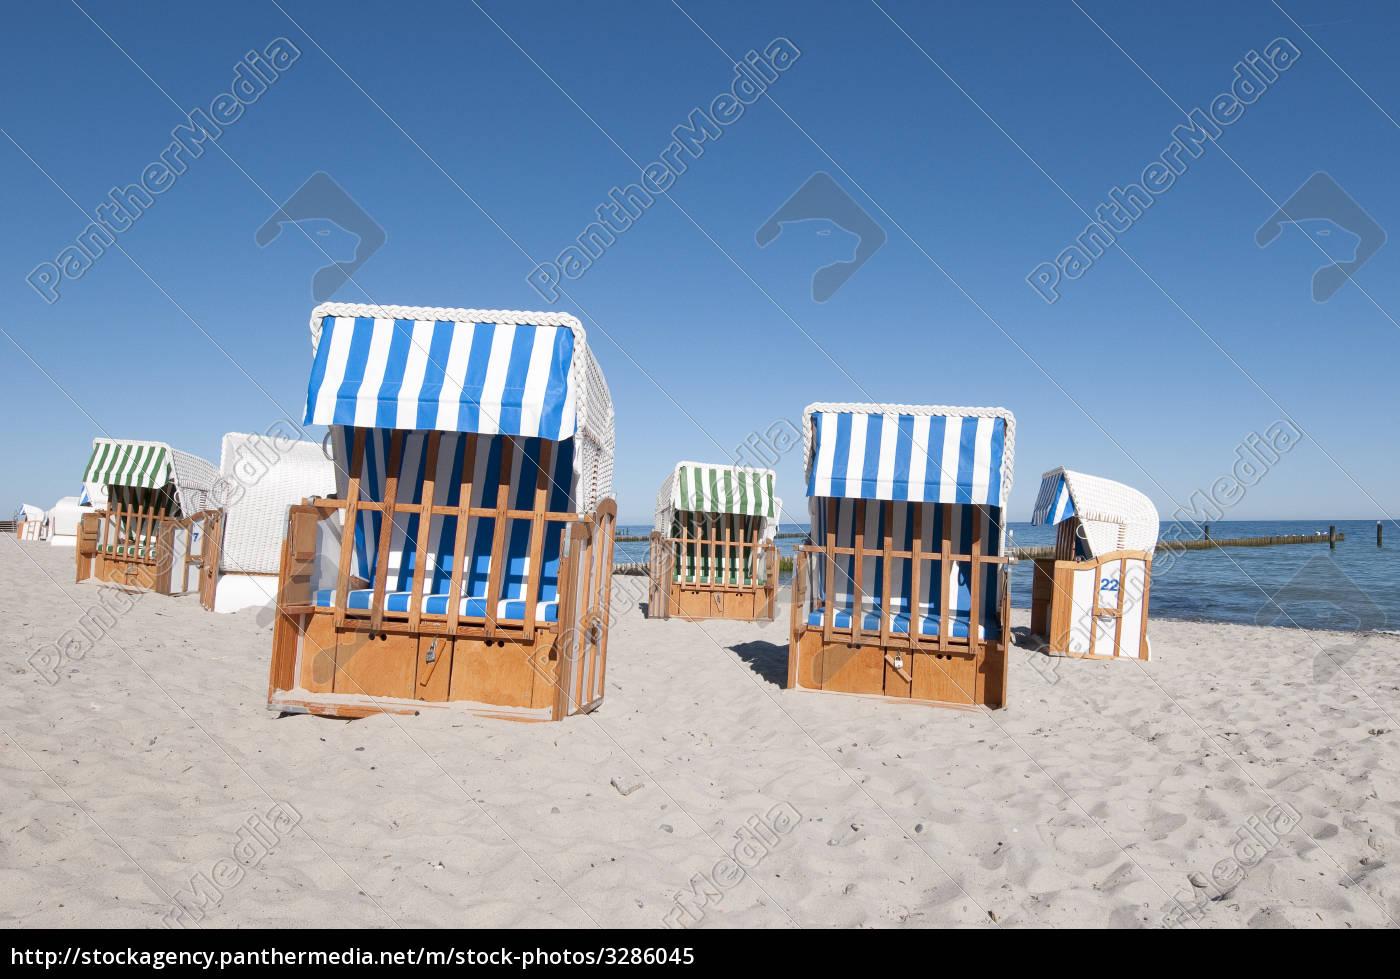 baltic, sea, beach, with, beach, chairs - 3286045